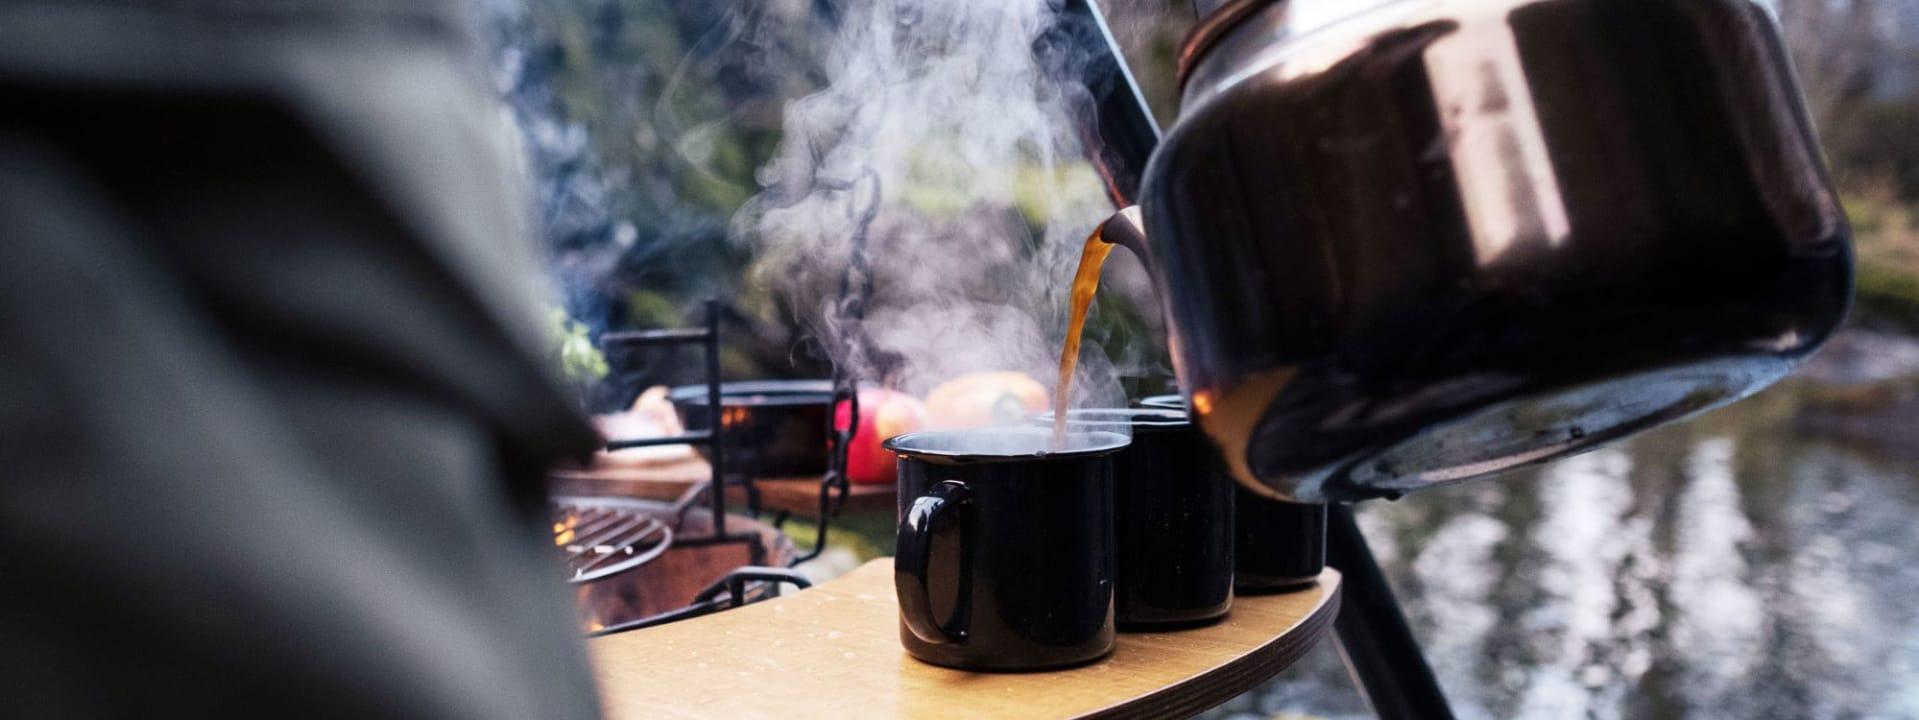 Bålkaffe